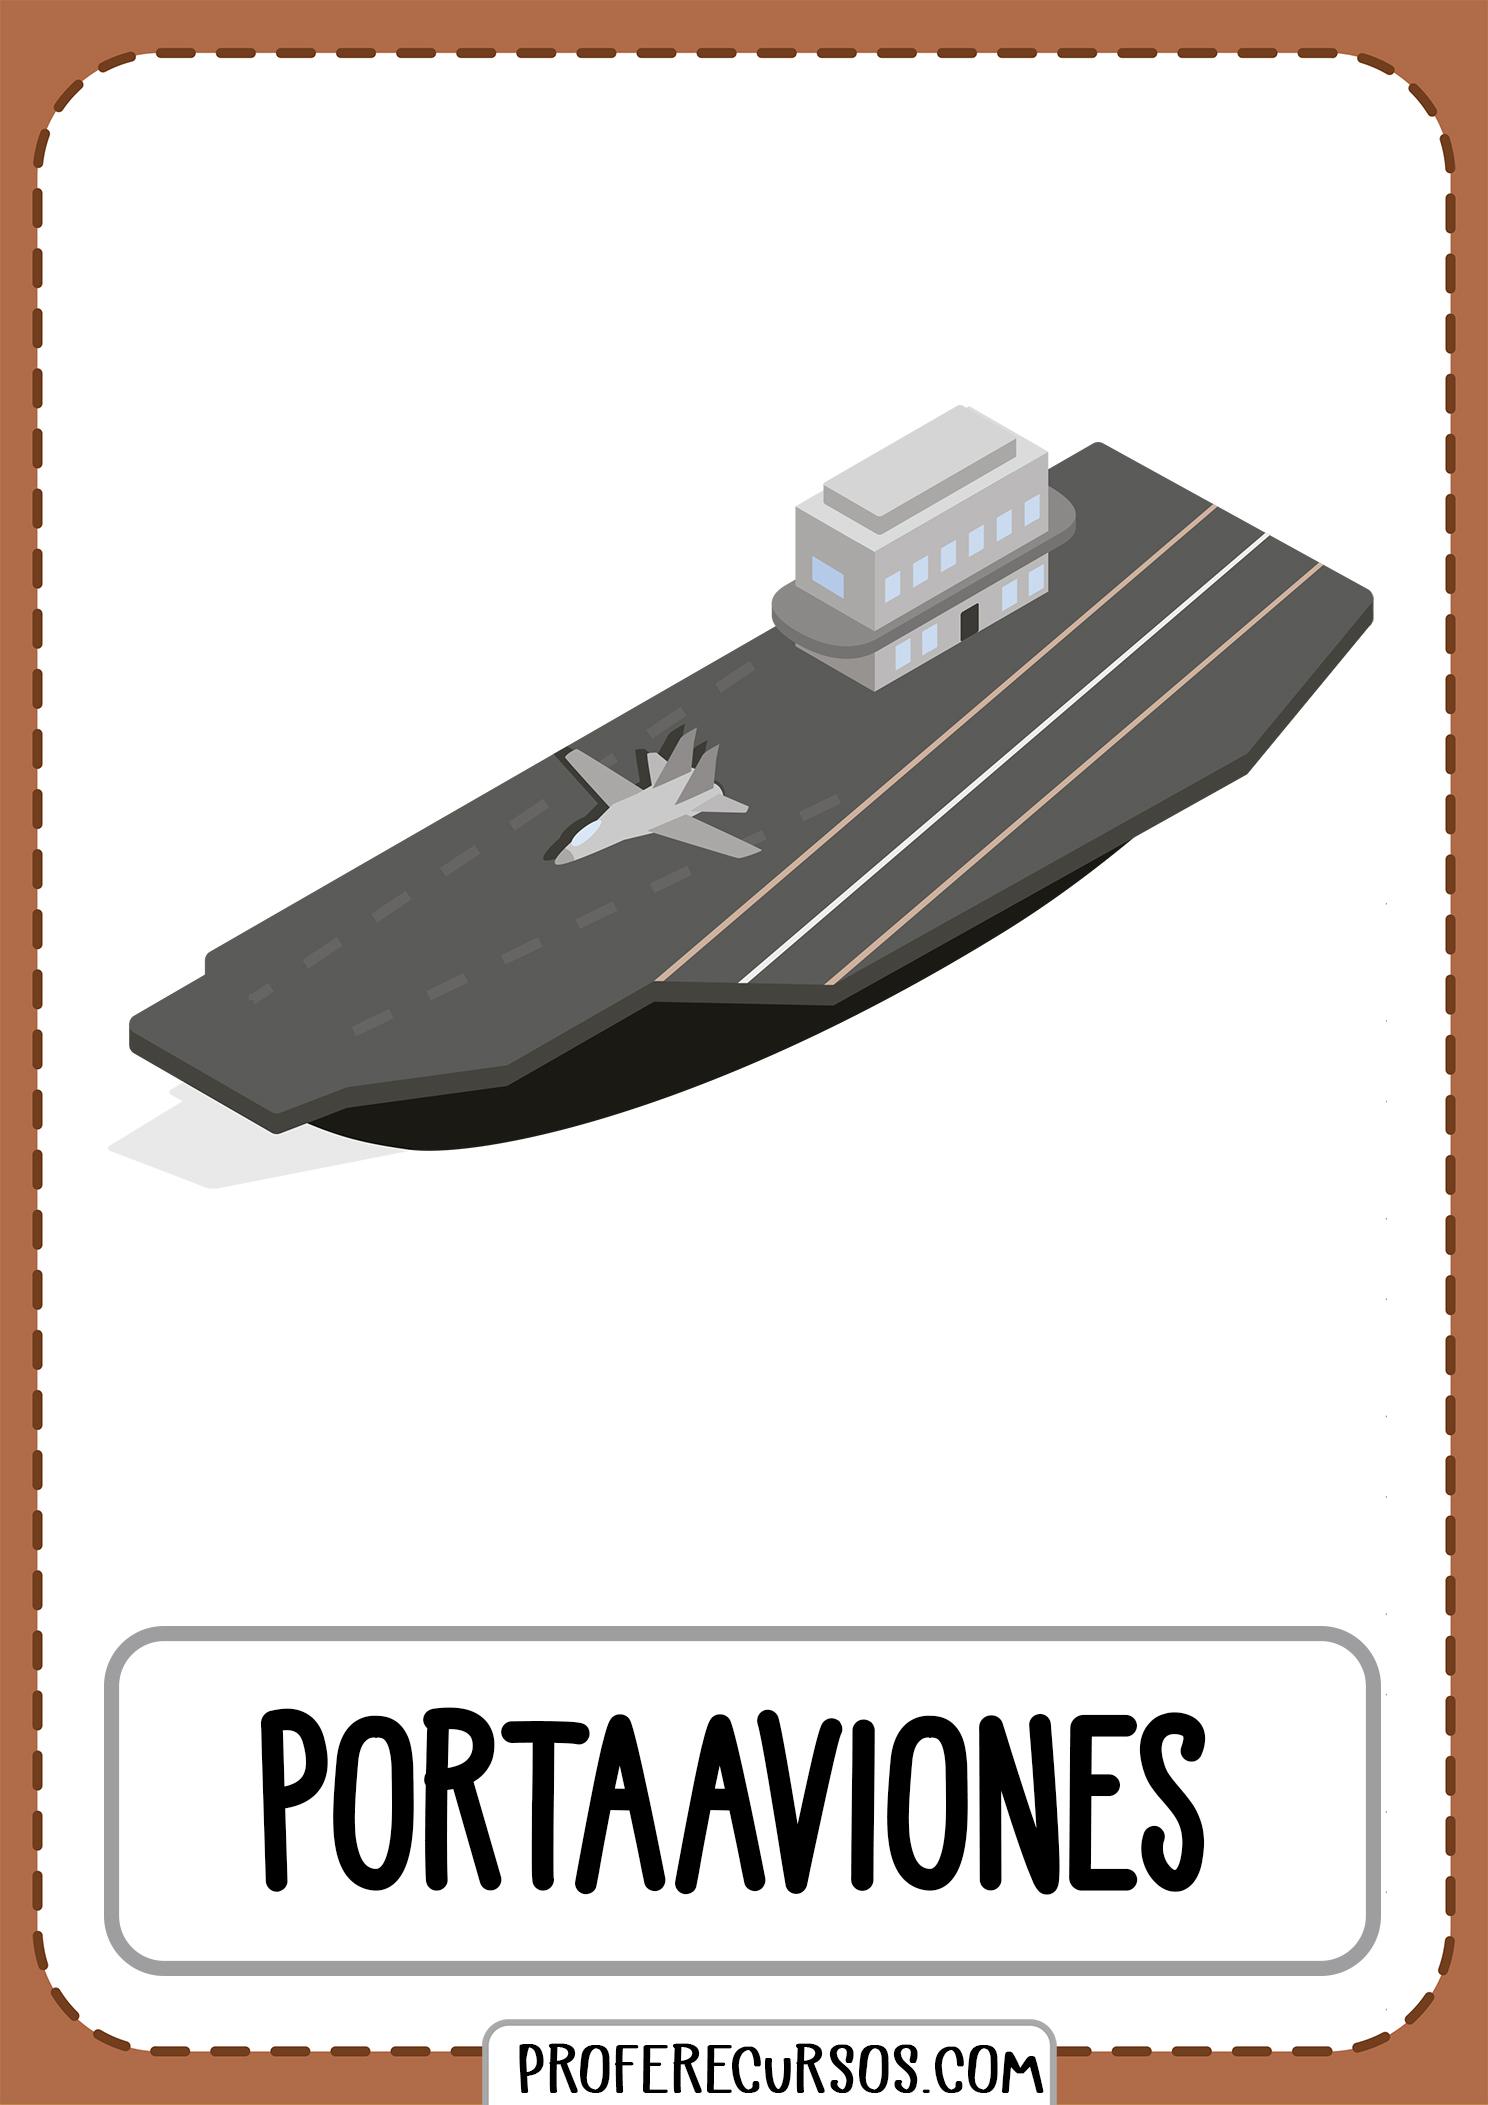 Tarjetas-vocabulario-medios-transporte-portaaviones